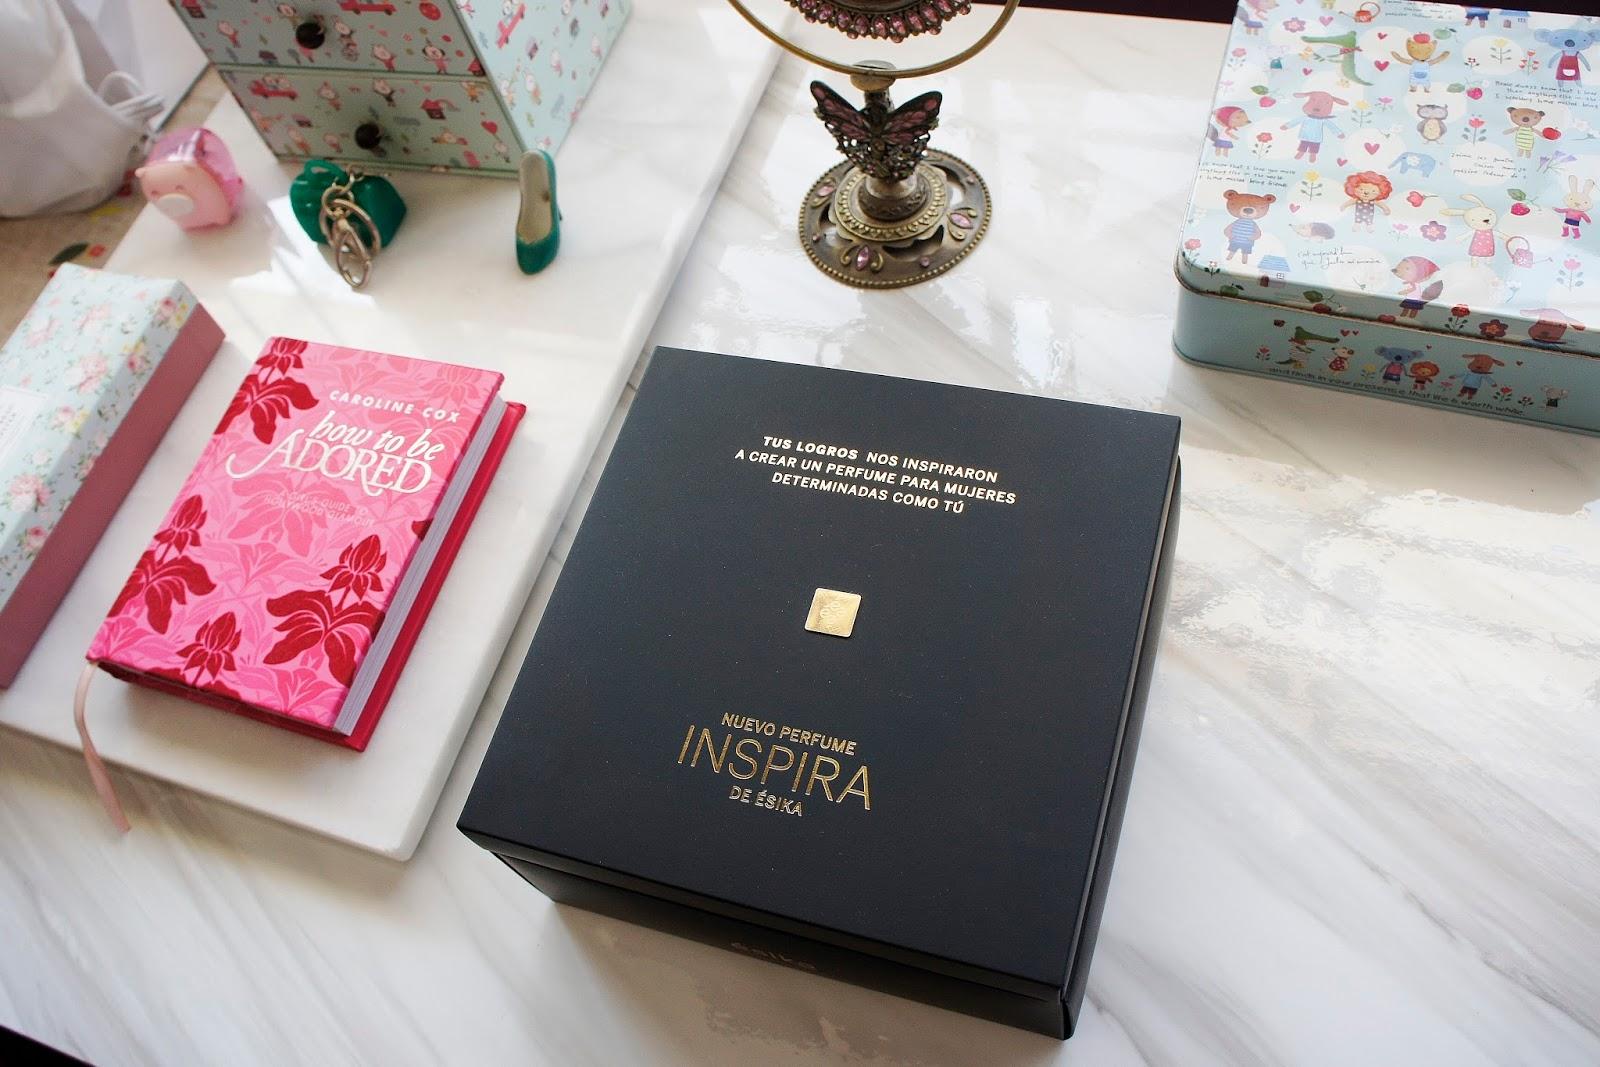 Caja Inspira Perfume de Ésika